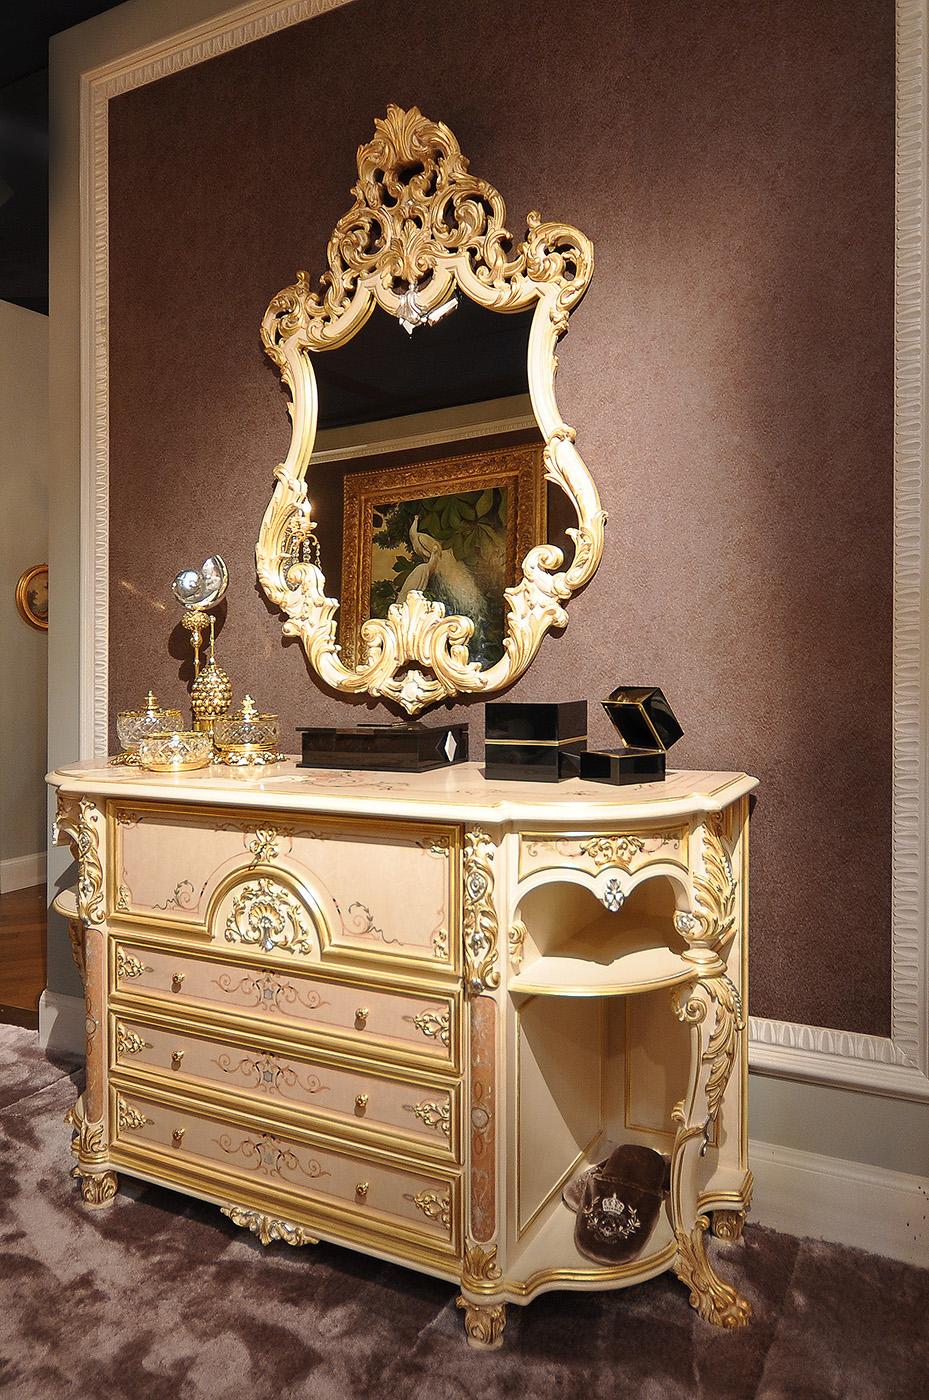 Camera da letto stile francese eiffel for Camera da letto in stile europeo